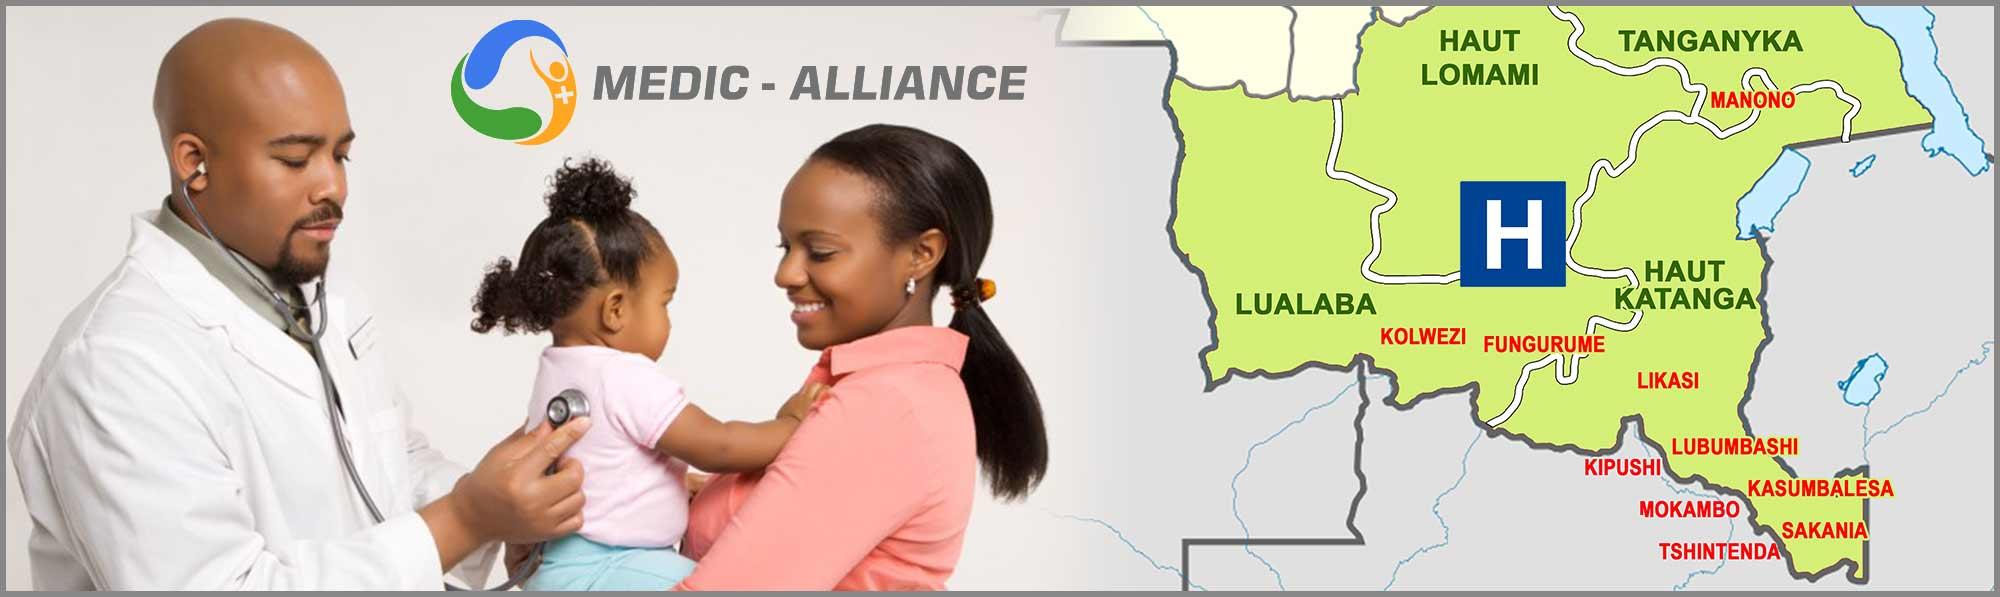 Permalien vers:Le réseau d'hôpitaux de MEDIC-ALLIANCE dans le Grand Katanga